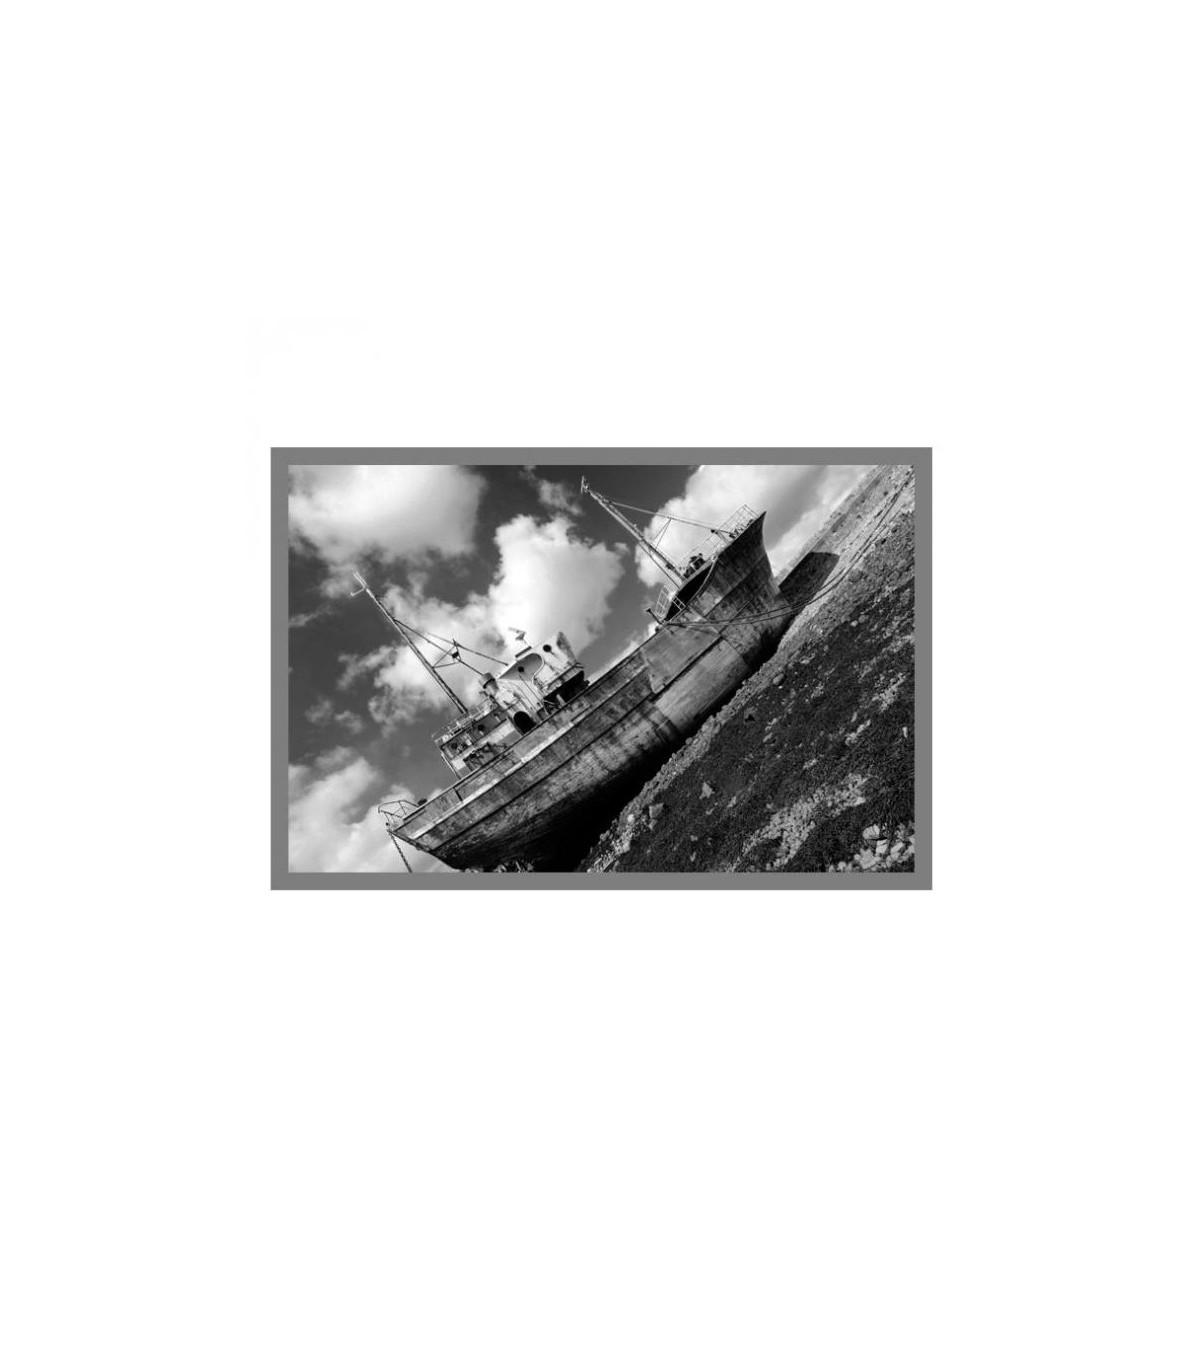 Photo bateau Camaret sur Mer